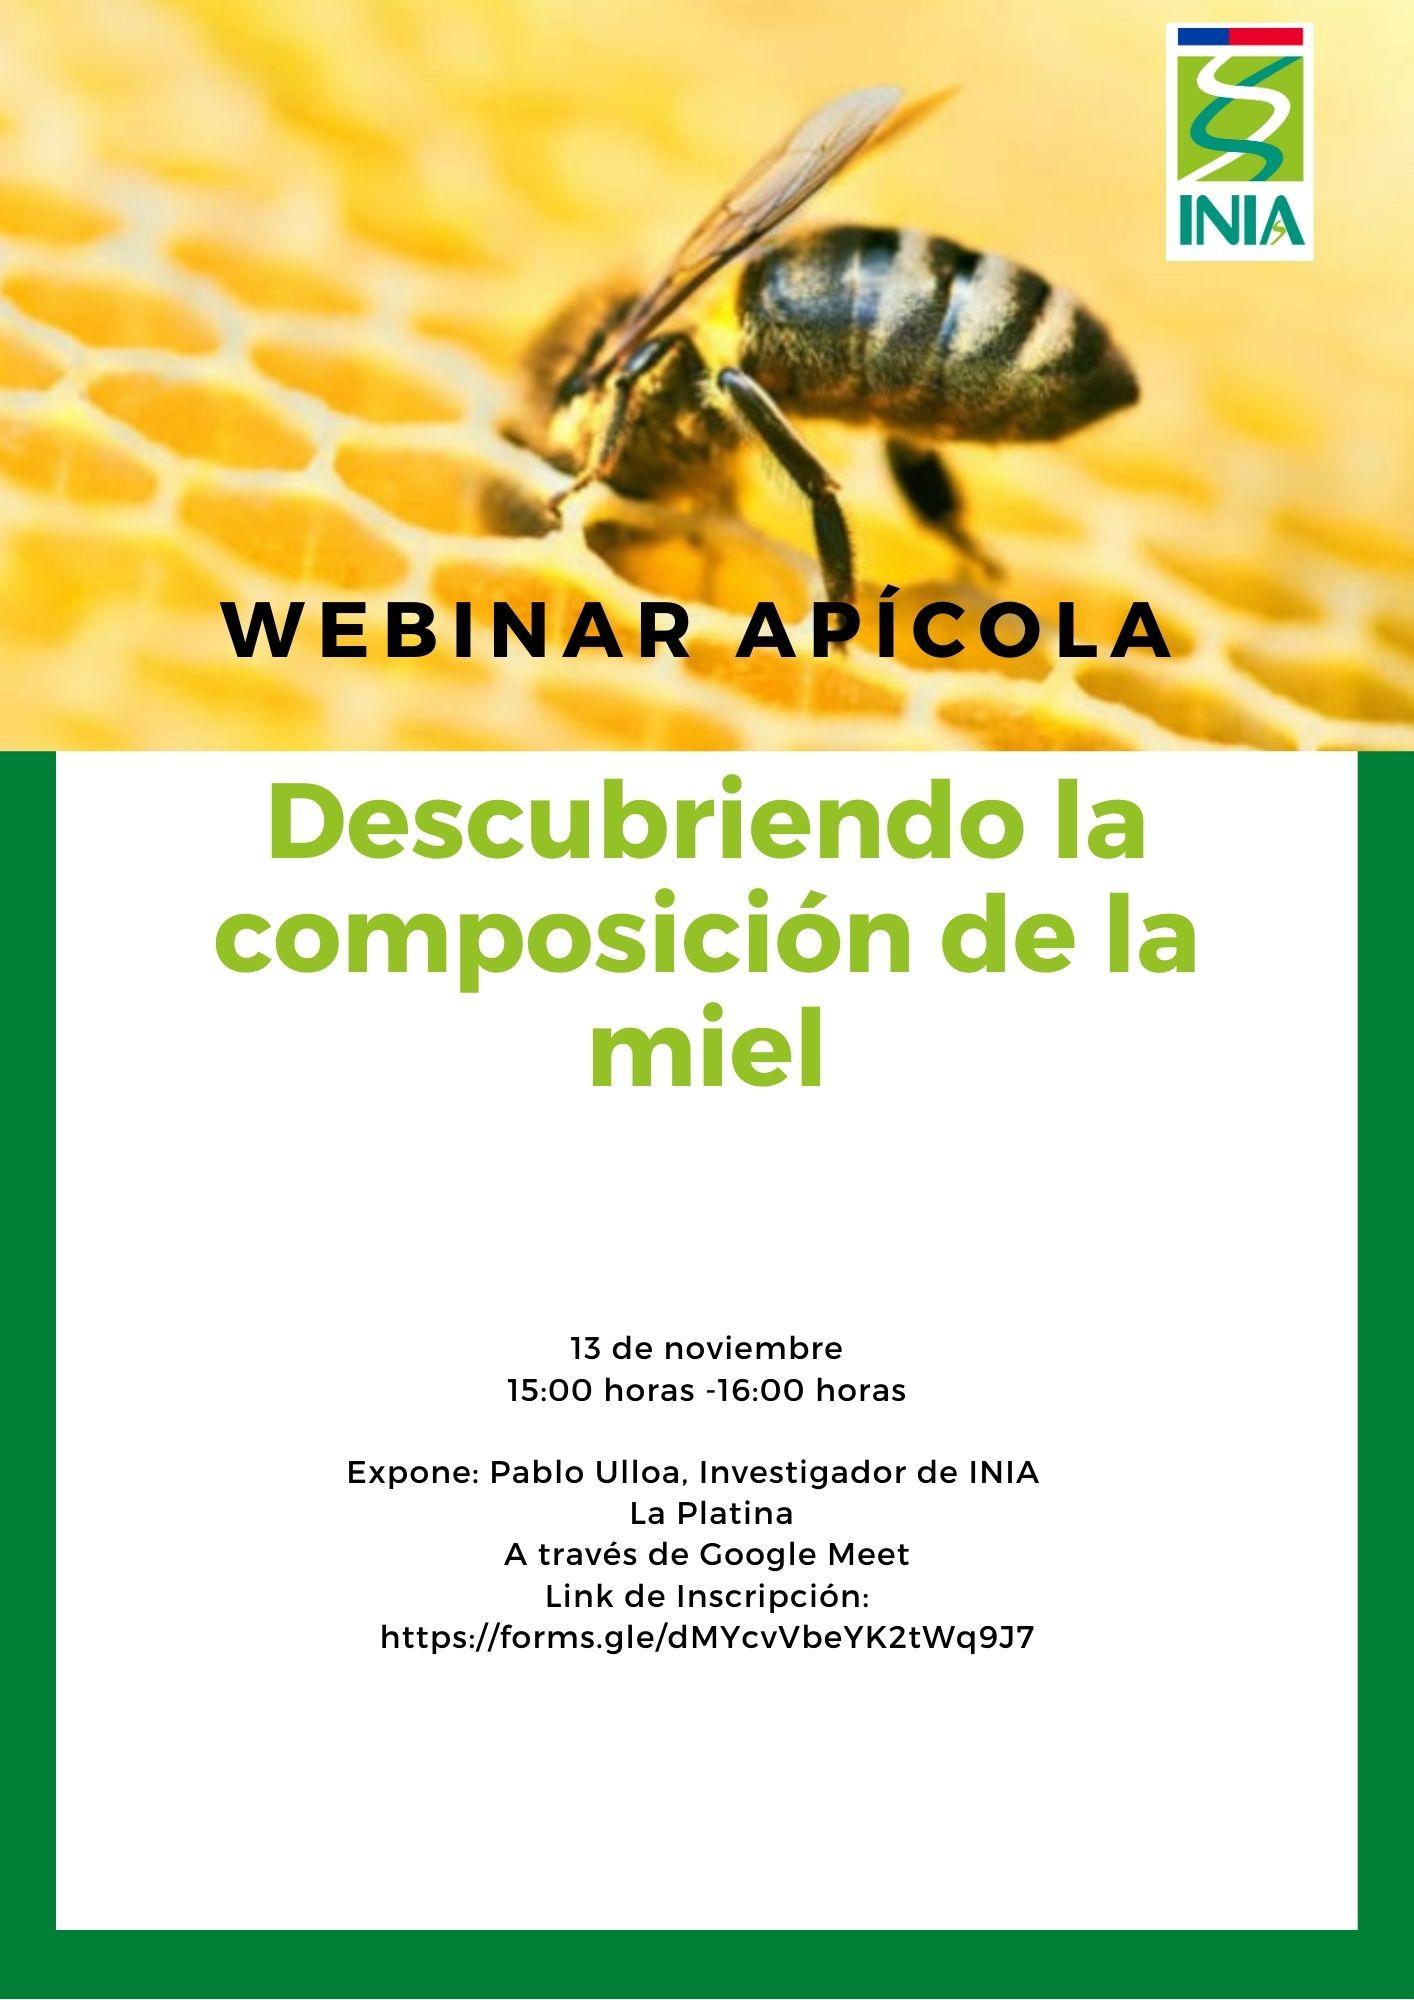 INIA Intihuasi continúa coordinando talleres para apicultores de Atacama